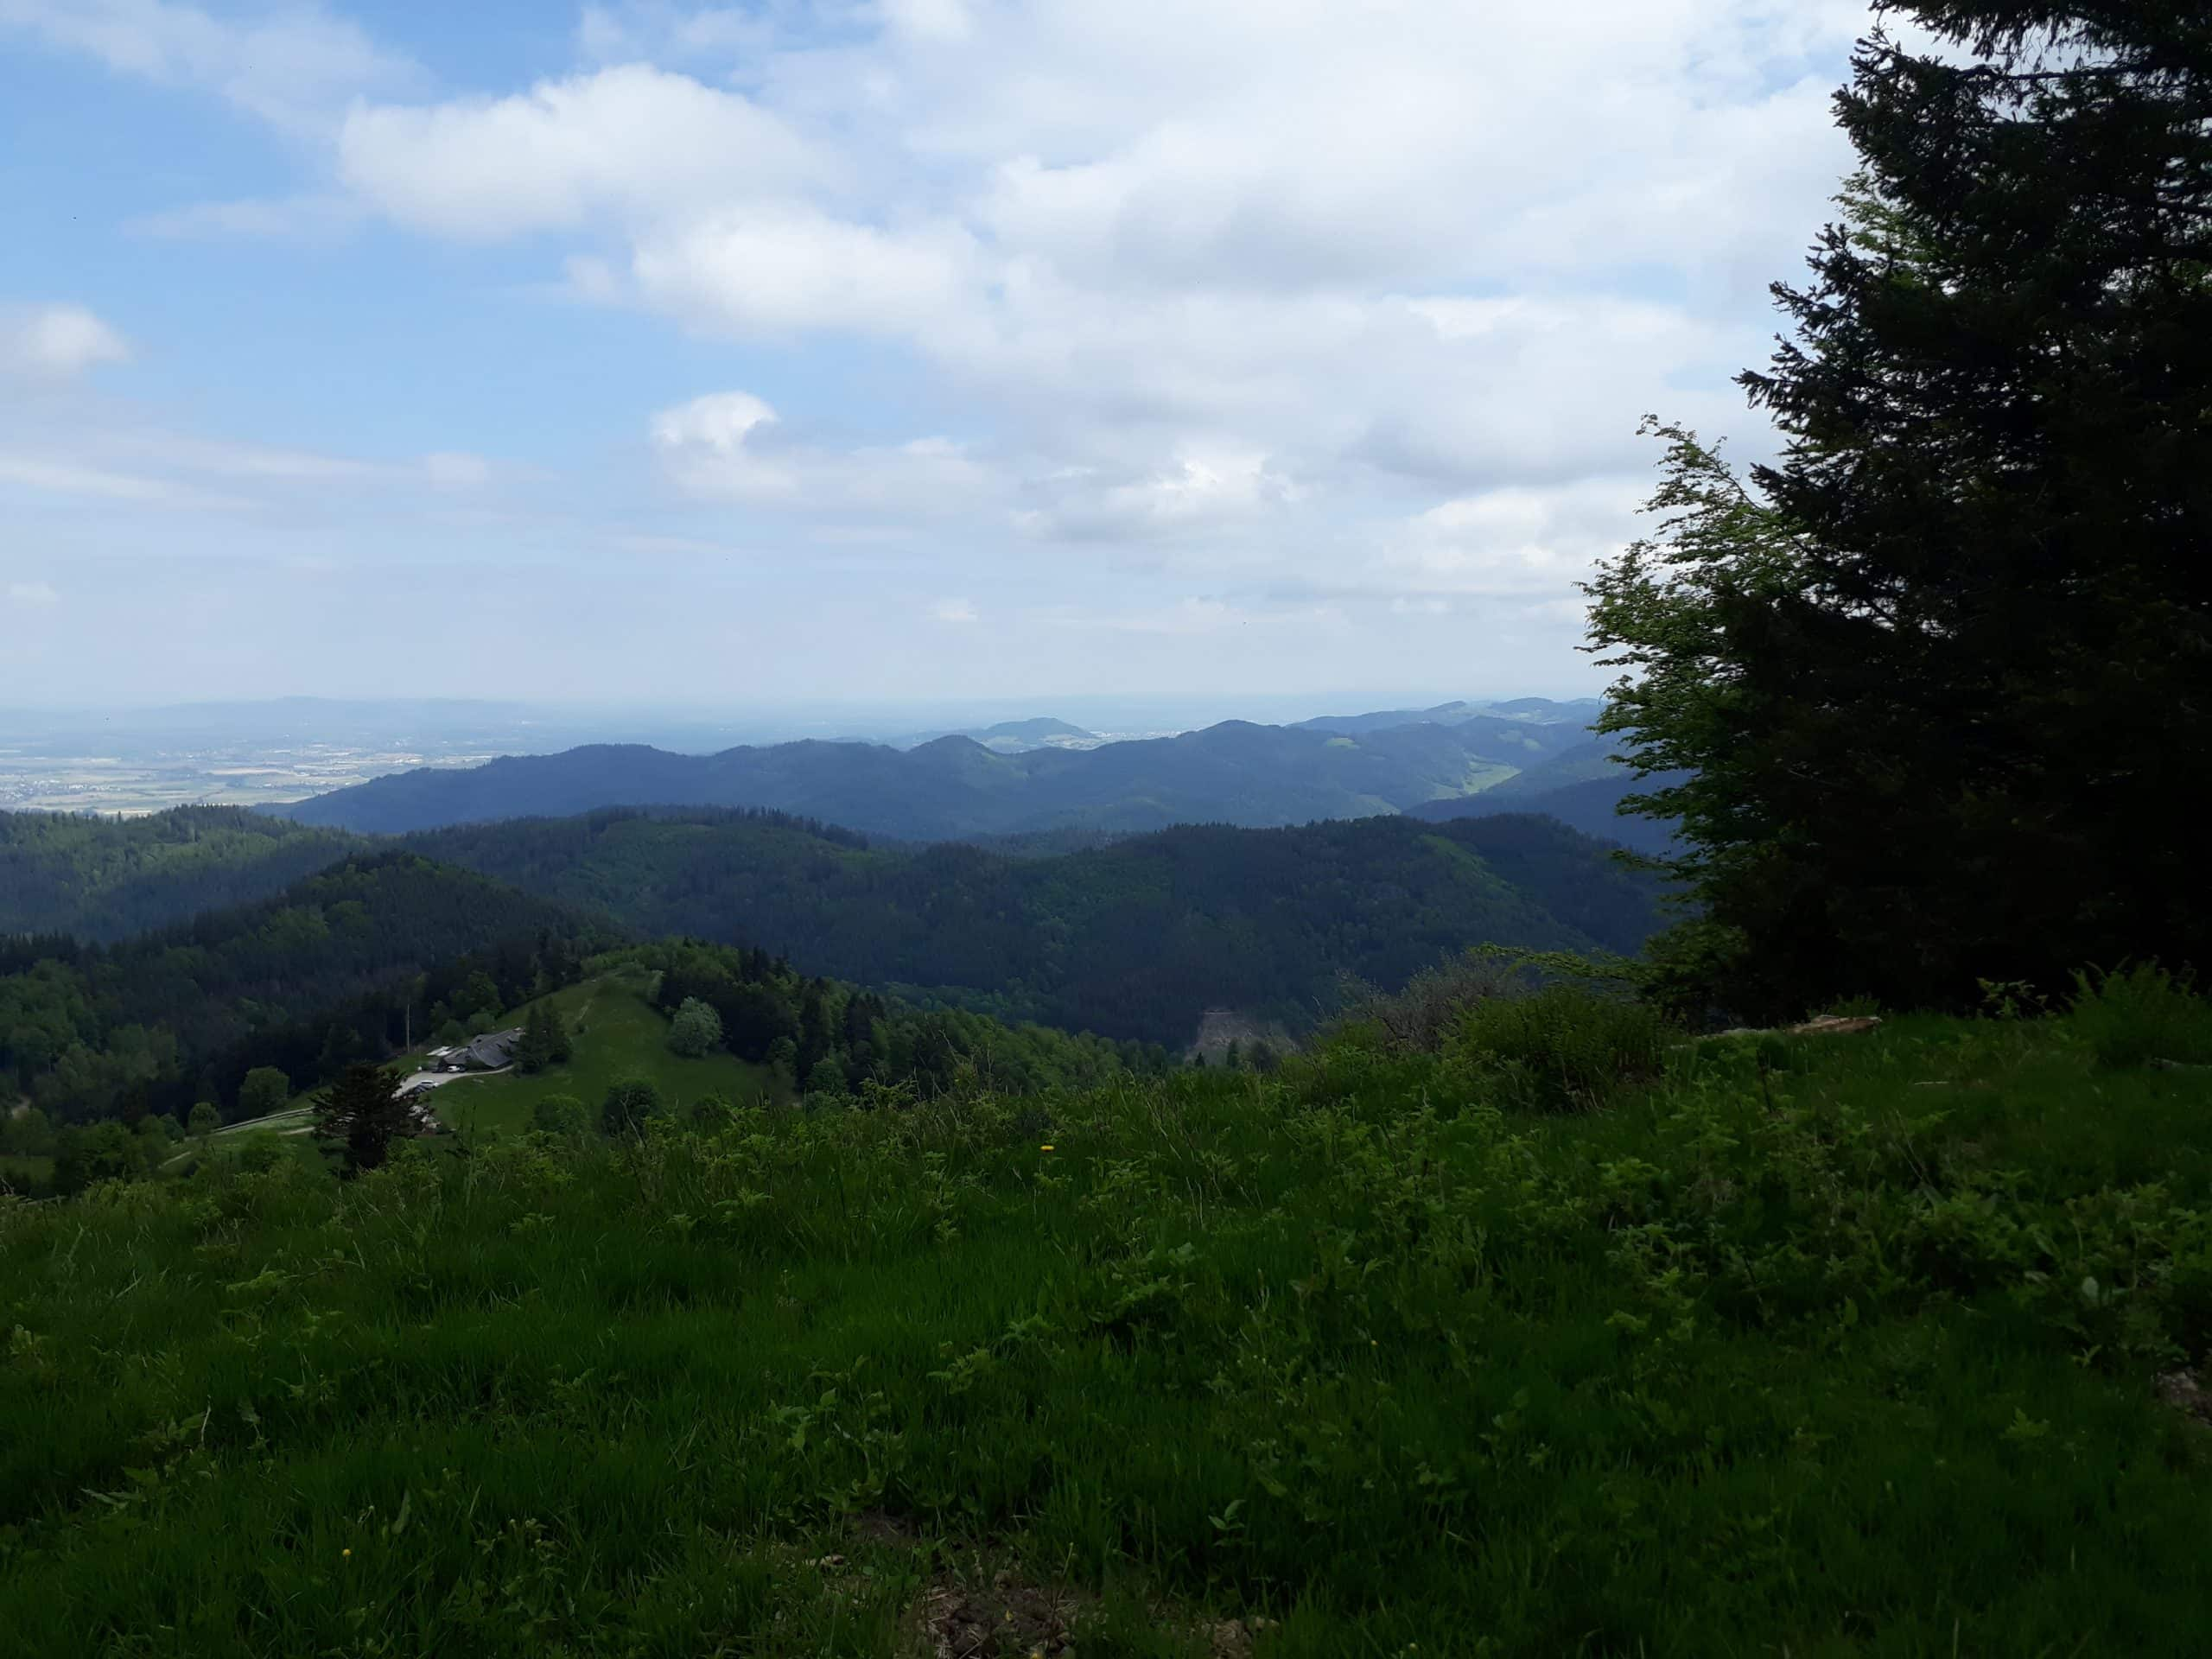 Der Schwarzwald und seine atemberaubende Landschaft